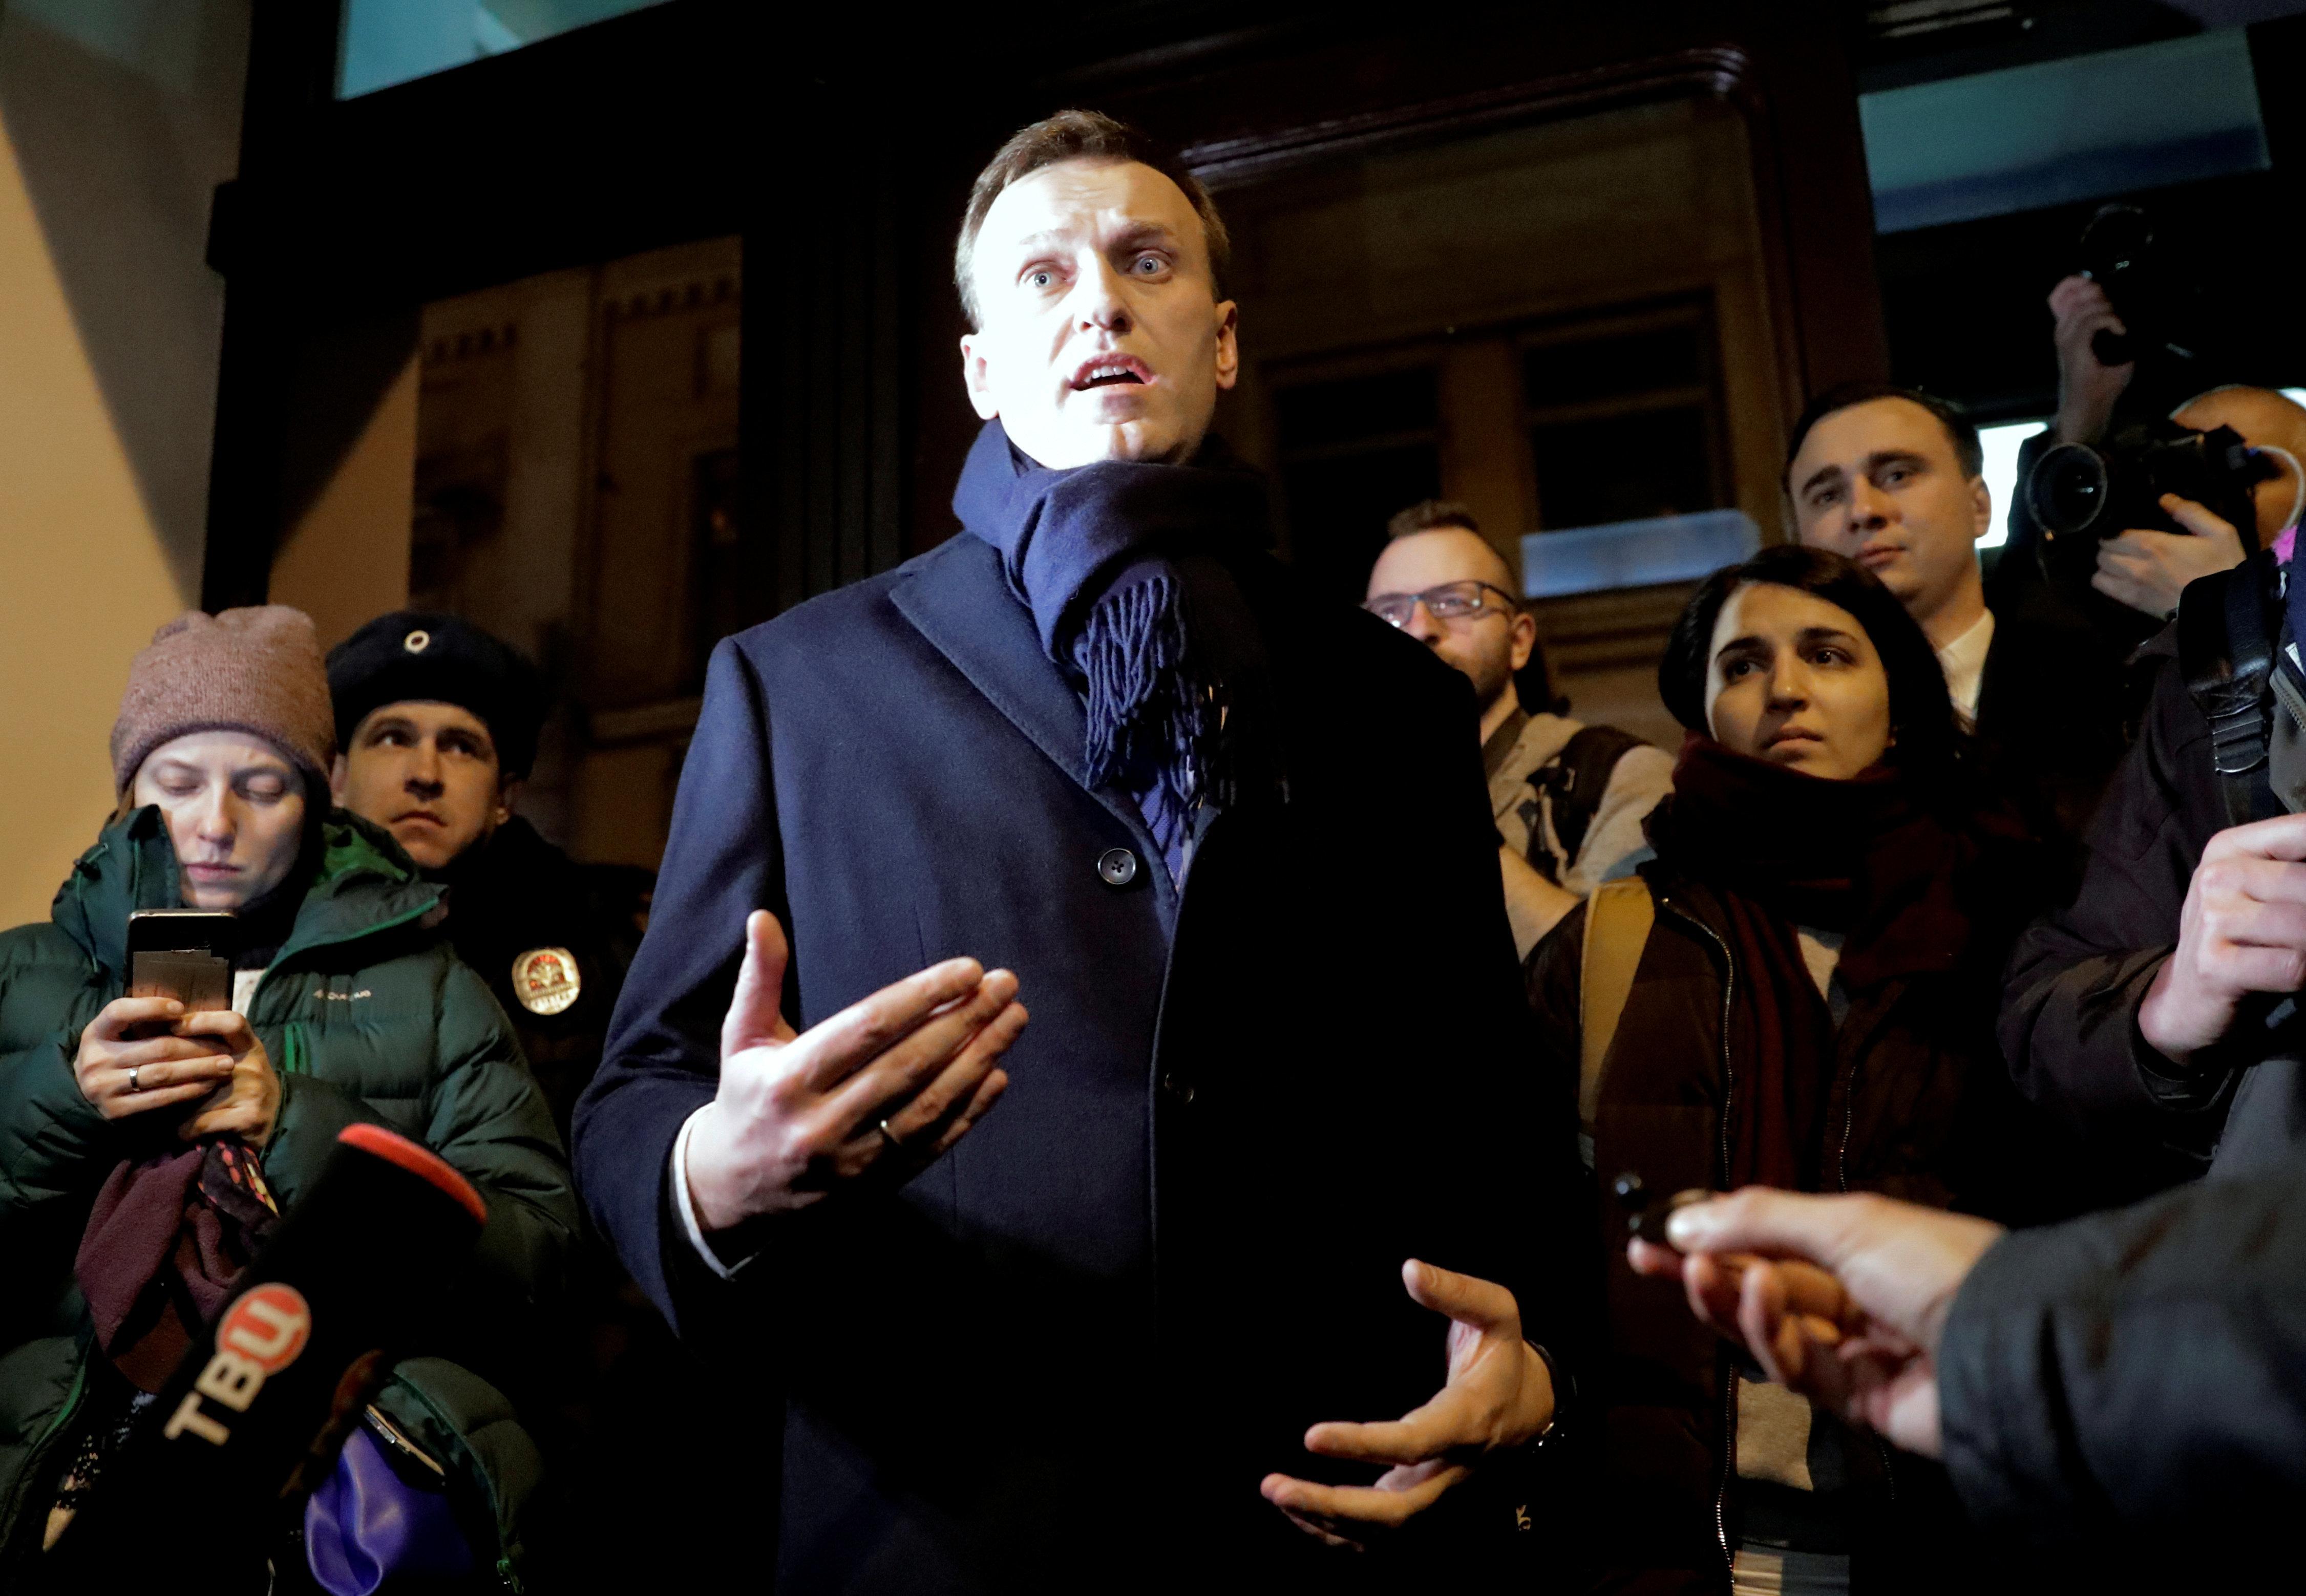 Μπλόκο στην υποψηφιότητα Ναβάλνι από την κεντρική εκλογική